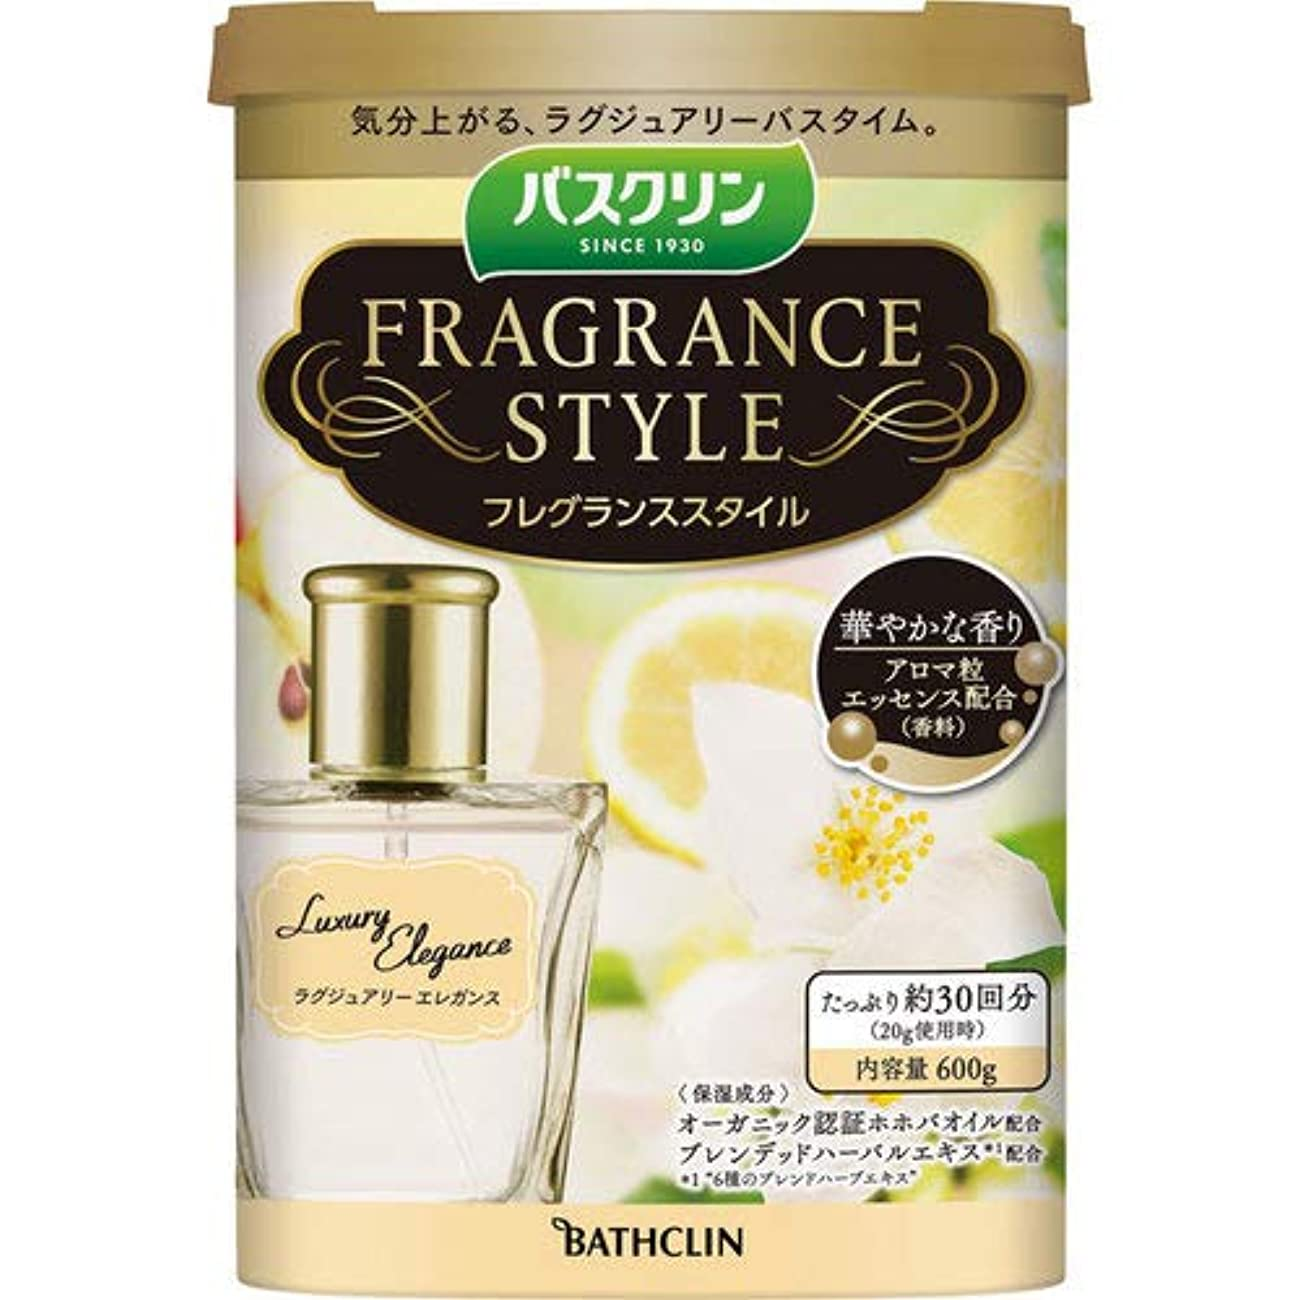 即席換気するテストバスクリンフレグランススタイルラグジュアリー エレガンス 入浴剤 フローラルムスク調の香りの入浴剤 600g